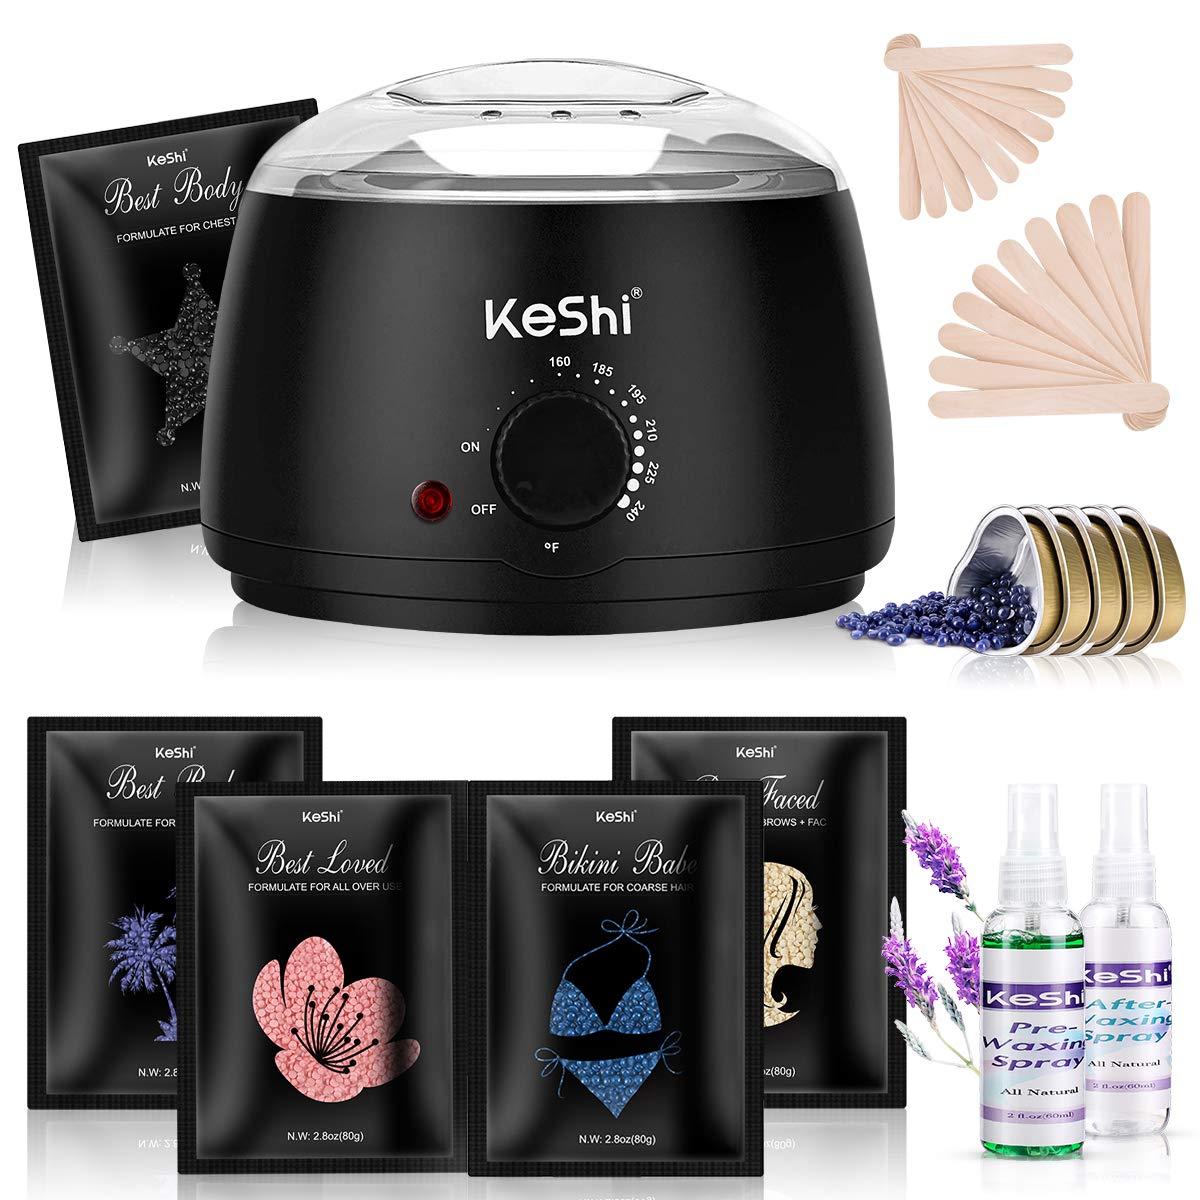 Waxing Kit, KeShi Painless Hair Removal Wax Warmer, Home Wax Kit with 5 Stripless Bags Hard Wax Beans for Full Body, Legs, Face, Eyebrows, Bikini Wax Women Men Brazilian Waxing